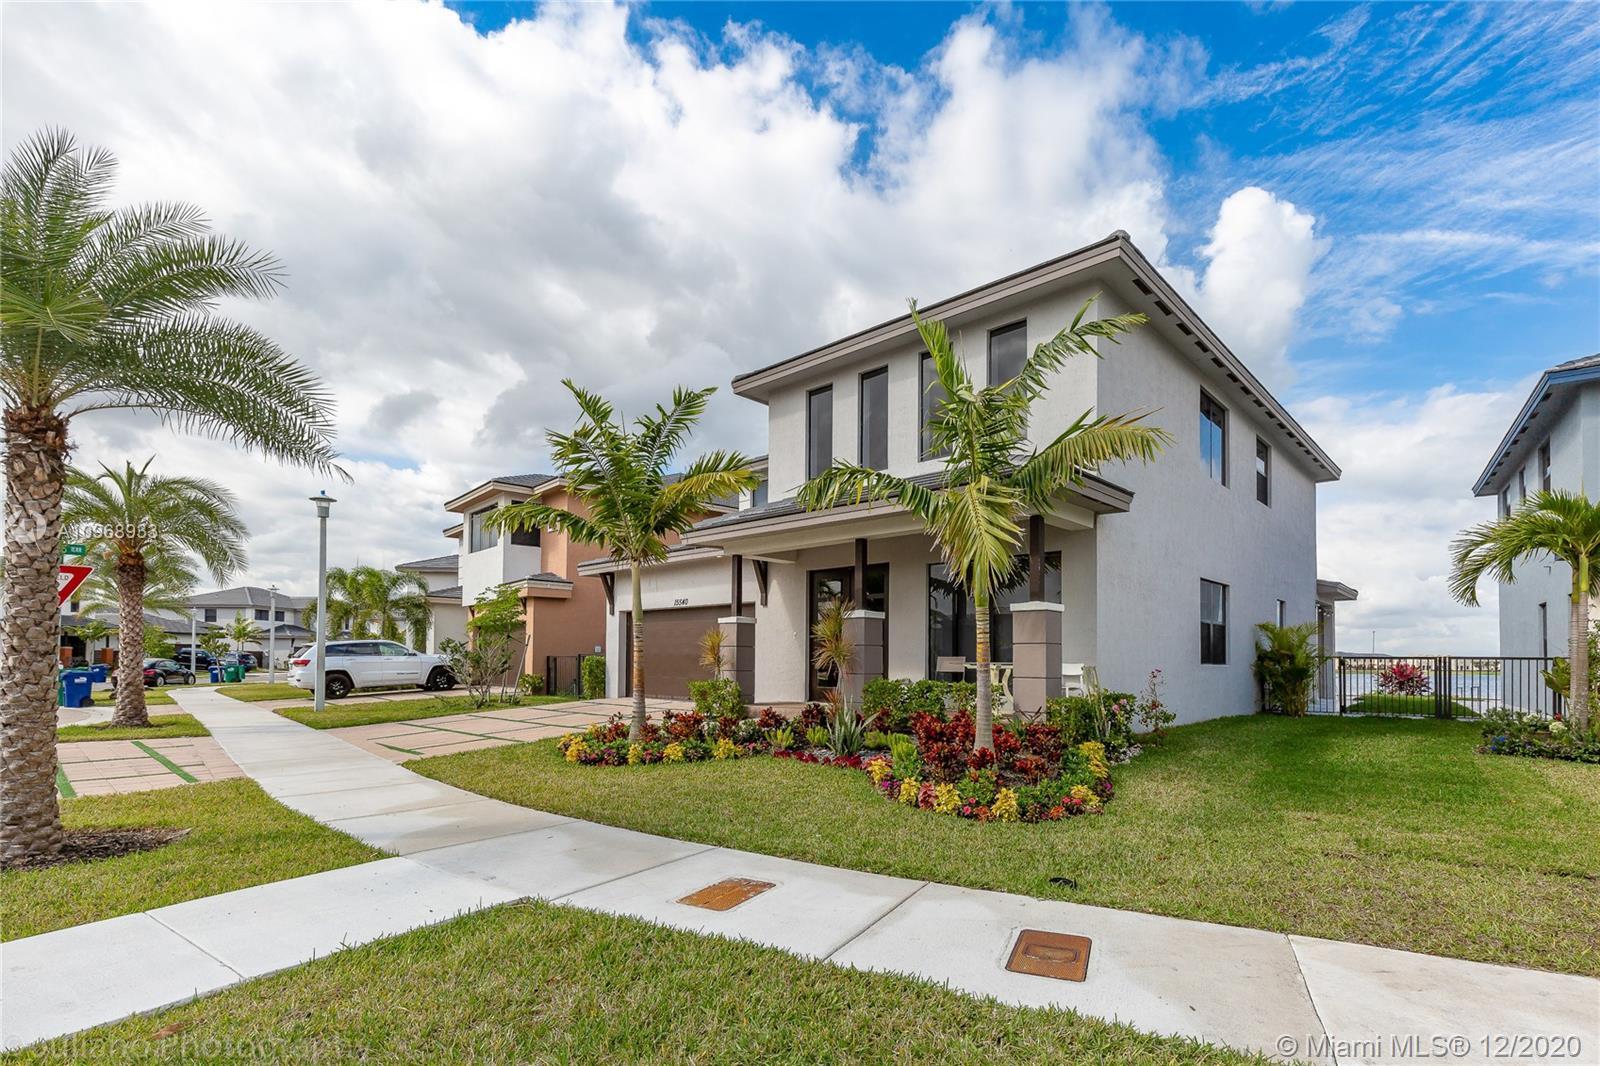 Miami Lakes - 15540 NW 88th Ave, Miami Lakes, FL 33018